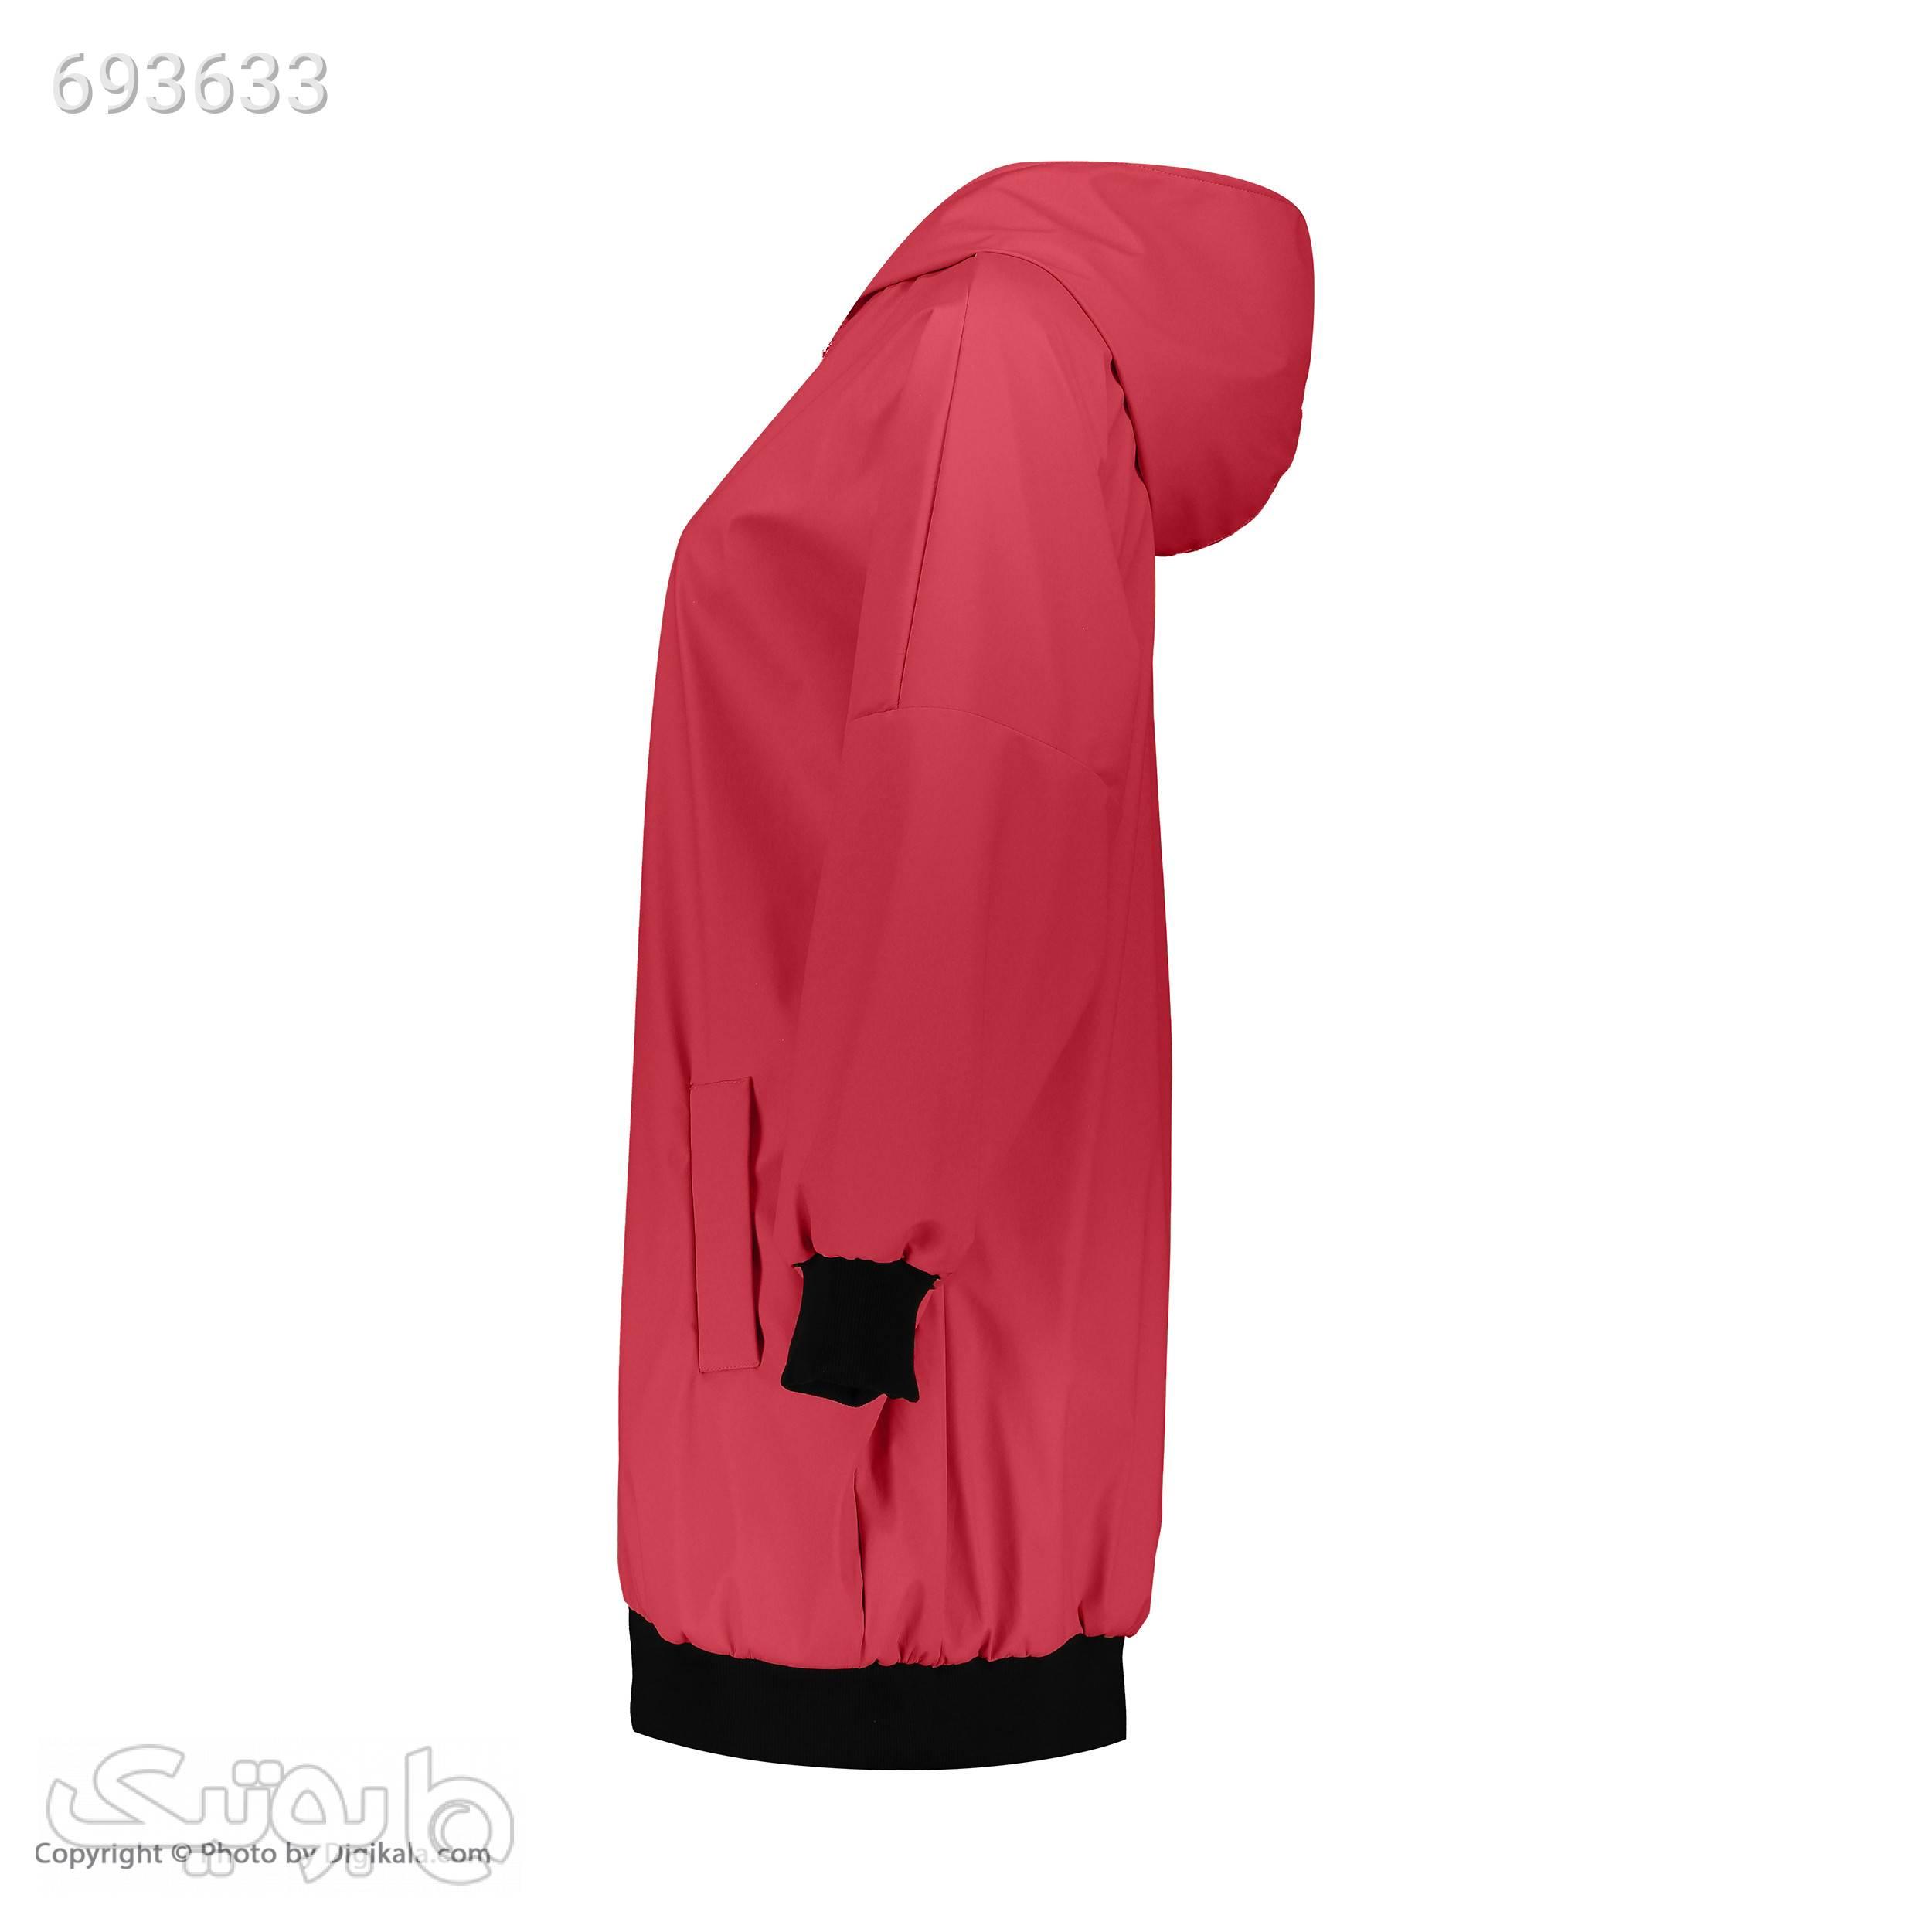 بارانی زنانه کیکی رایکی مدل BB1048004 صورتی کاپشن و بارانی زنانه